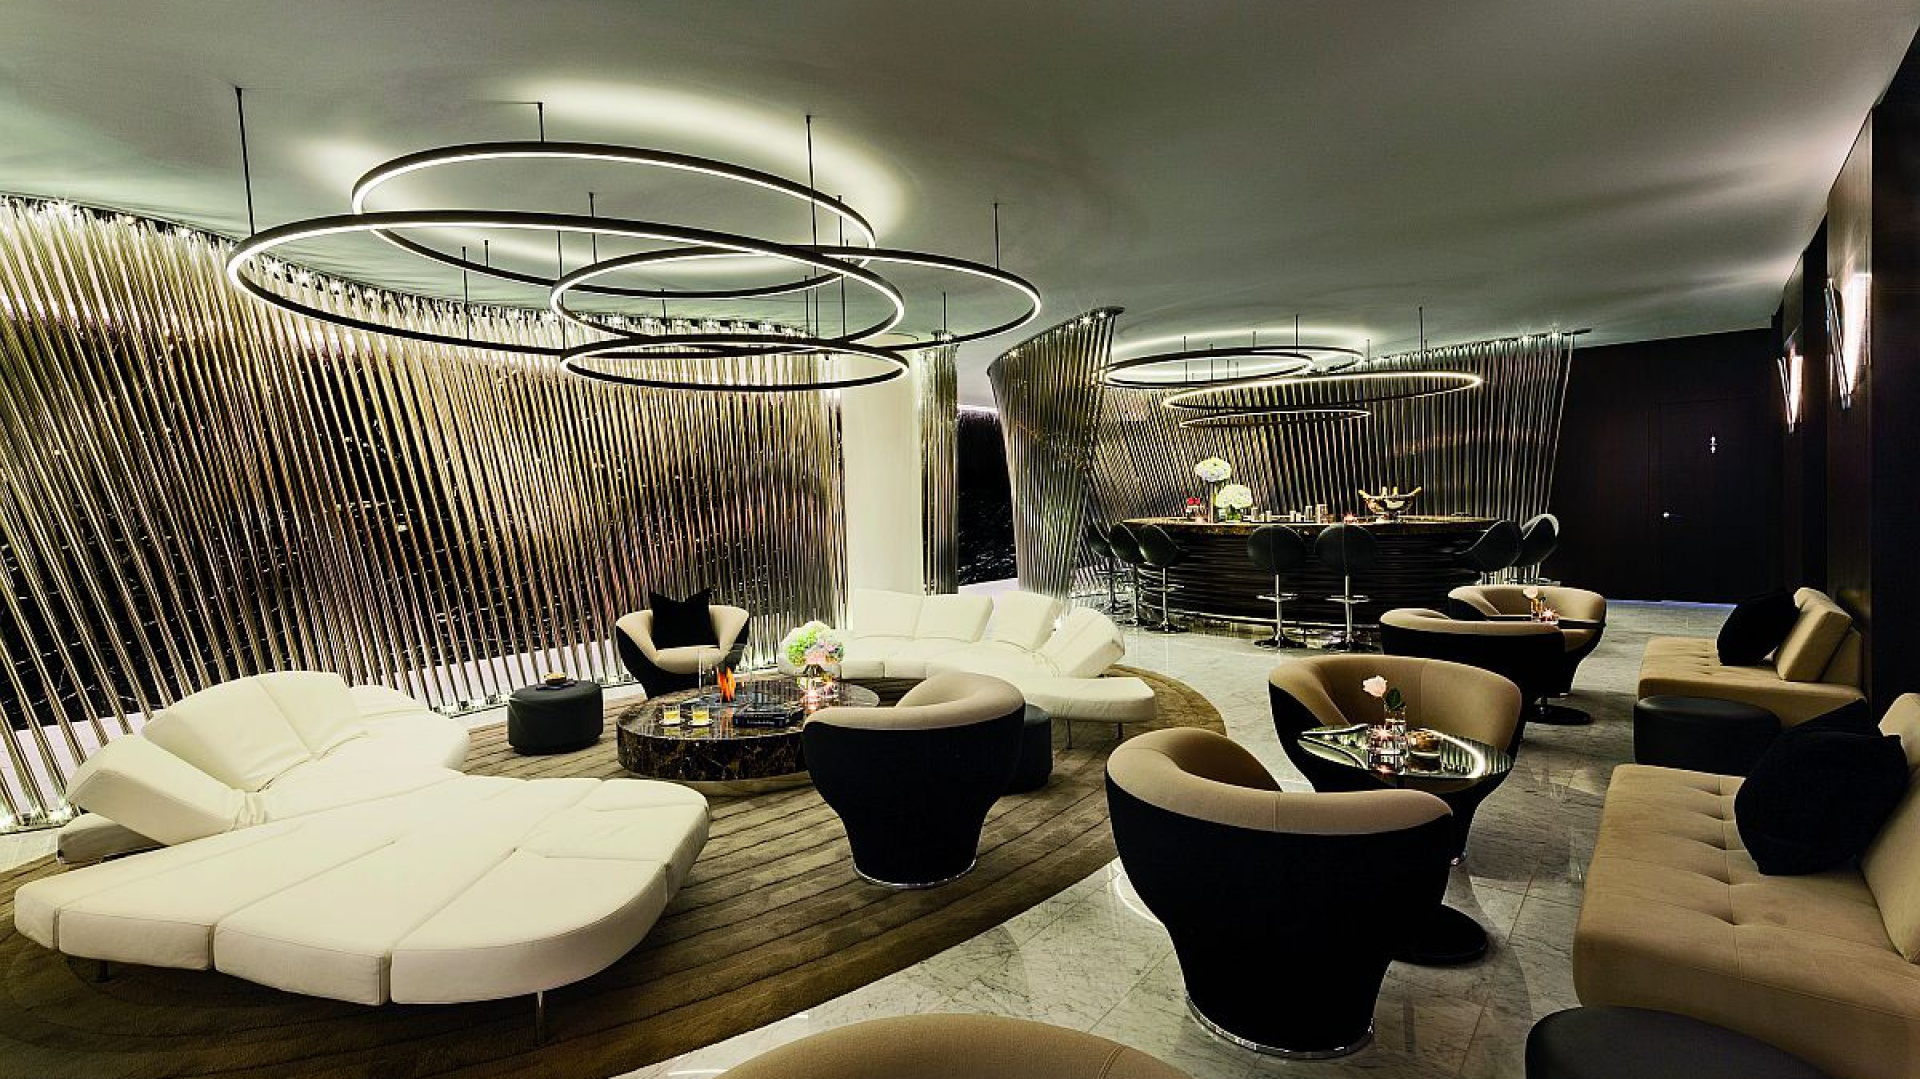 Hotel ME zlokalizowany jest w londyńskim Westminsterze. Projekt autorstwa pracowni Foster+Partners realizowany był przez 8 lat. Fot. Foster+Partners